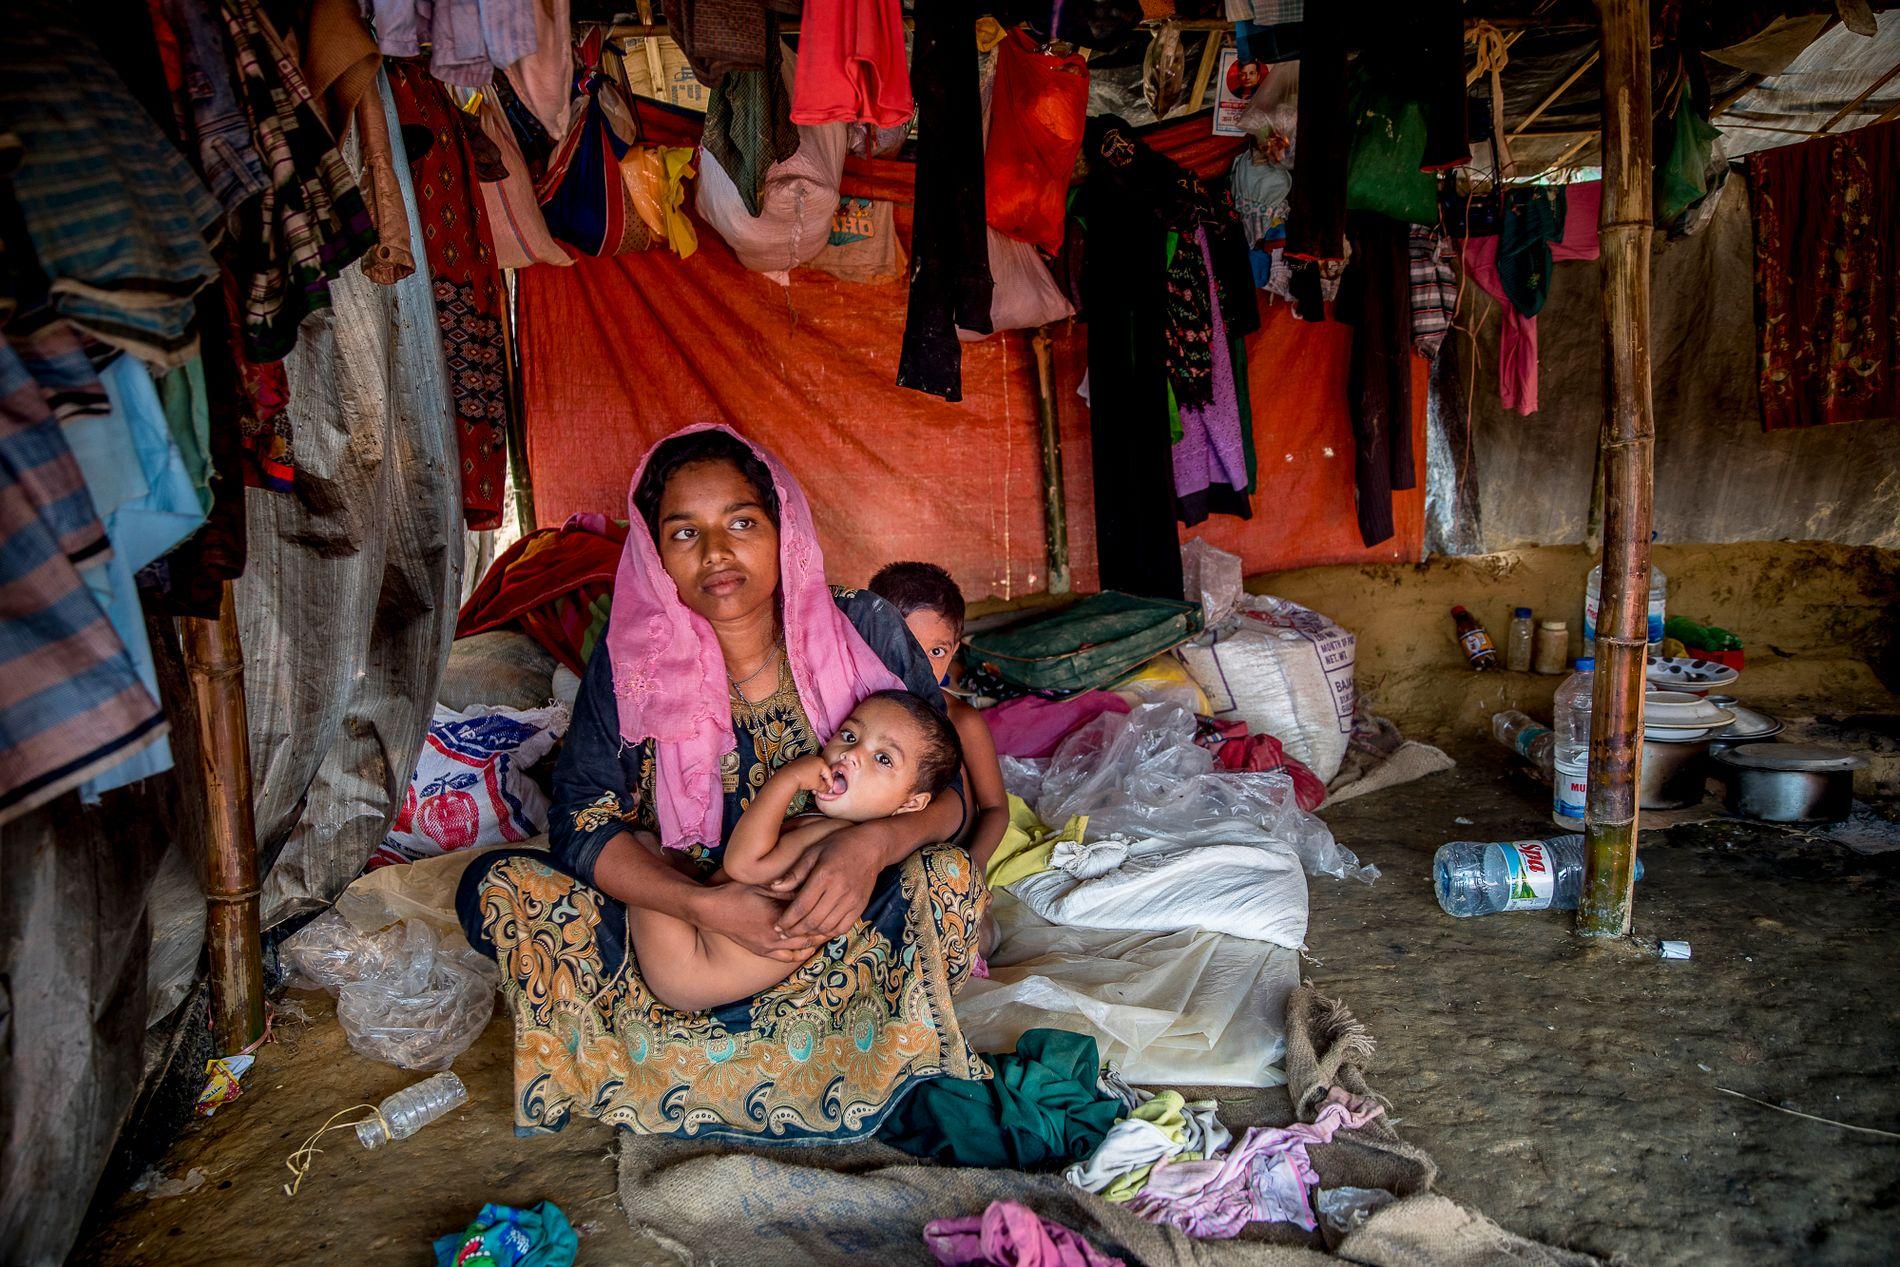 TØFF BARNDOM: Shafiga Begum (25) sitter med ett år gamle Mobasherza på fanget. Bak står Nur Sobham (3) og gjemmer seg. Han er redd fotografen, sier moren.